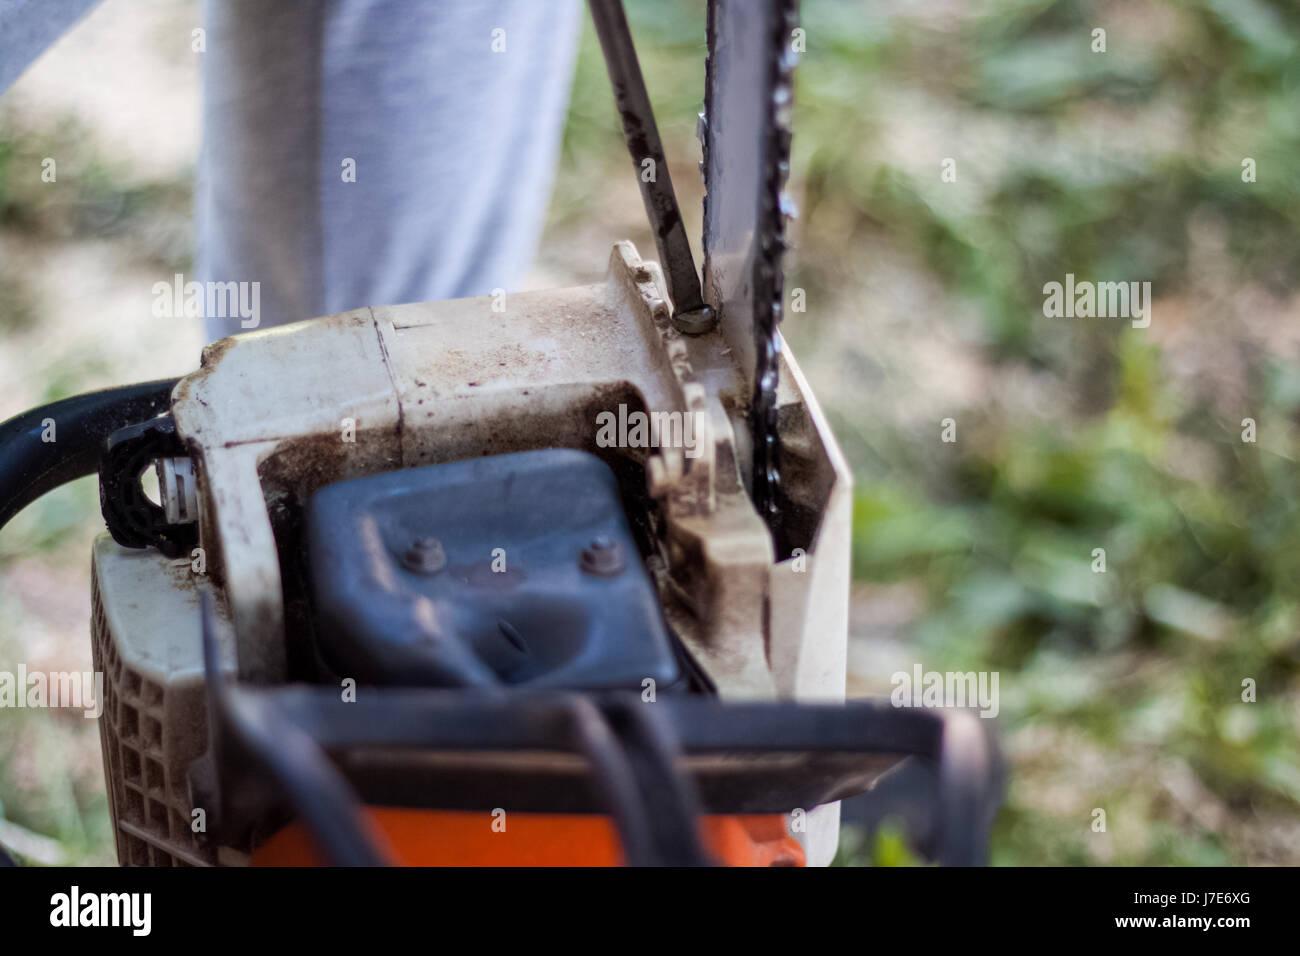 woodman noch einen zwischenstopp in das abholzen von bäumen zu